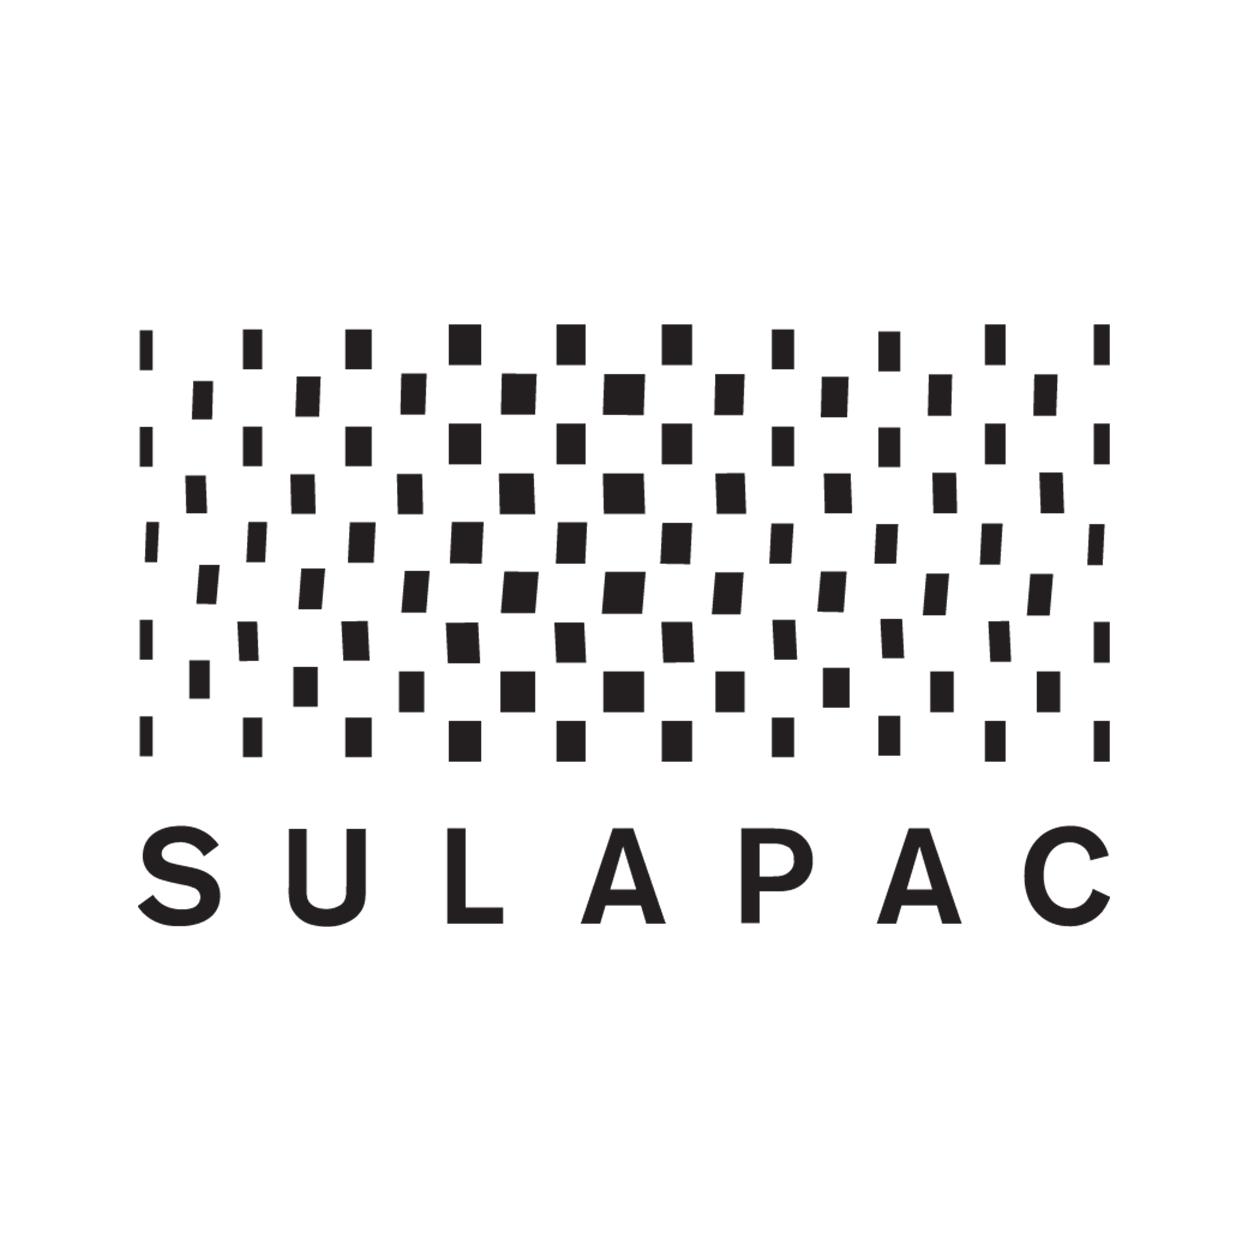 Sulapac's logo